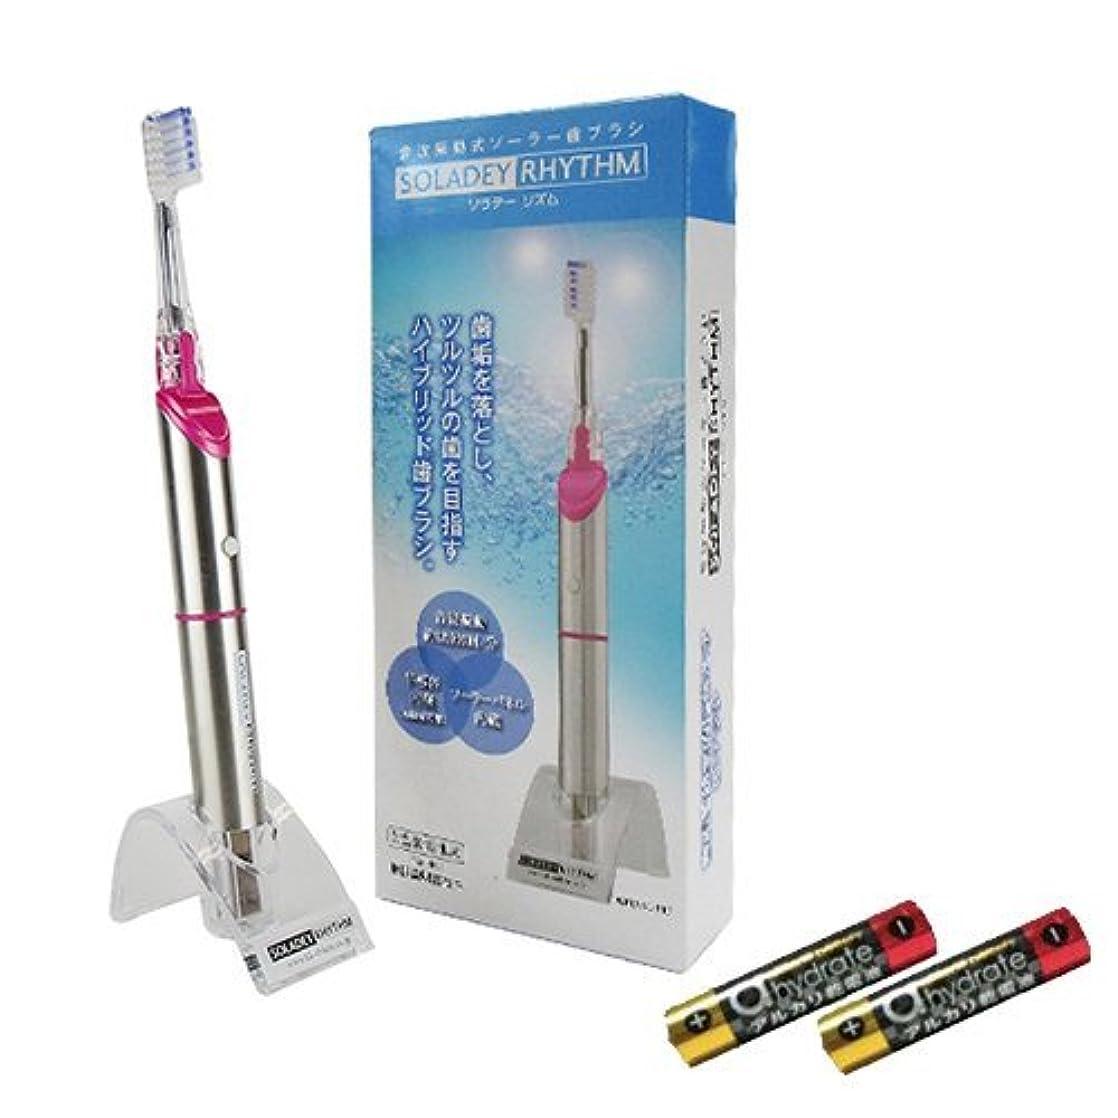 しおれた秀でる学生音波振動式ソーラー歯ブラシ ソラデー リズム (ジュエリーピンク) 単4アルカリ乾電池2本付き